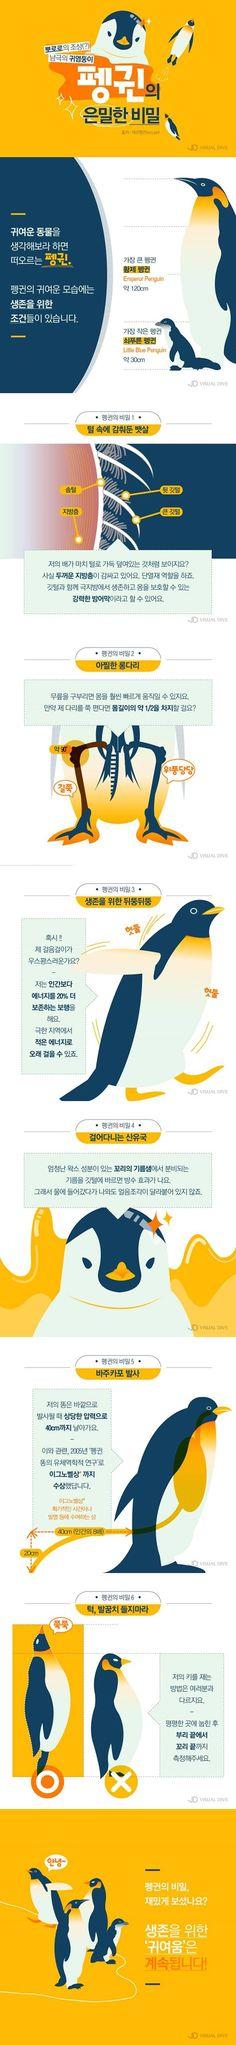 귀여움의 대명사 '펭귄', 생존 위한 이들의 숨겨진 비밀은? [인포그래픽] #Penguin / #infograhpic ⓒ 비주얼다이브 무단 복사·전재·재배포 금지